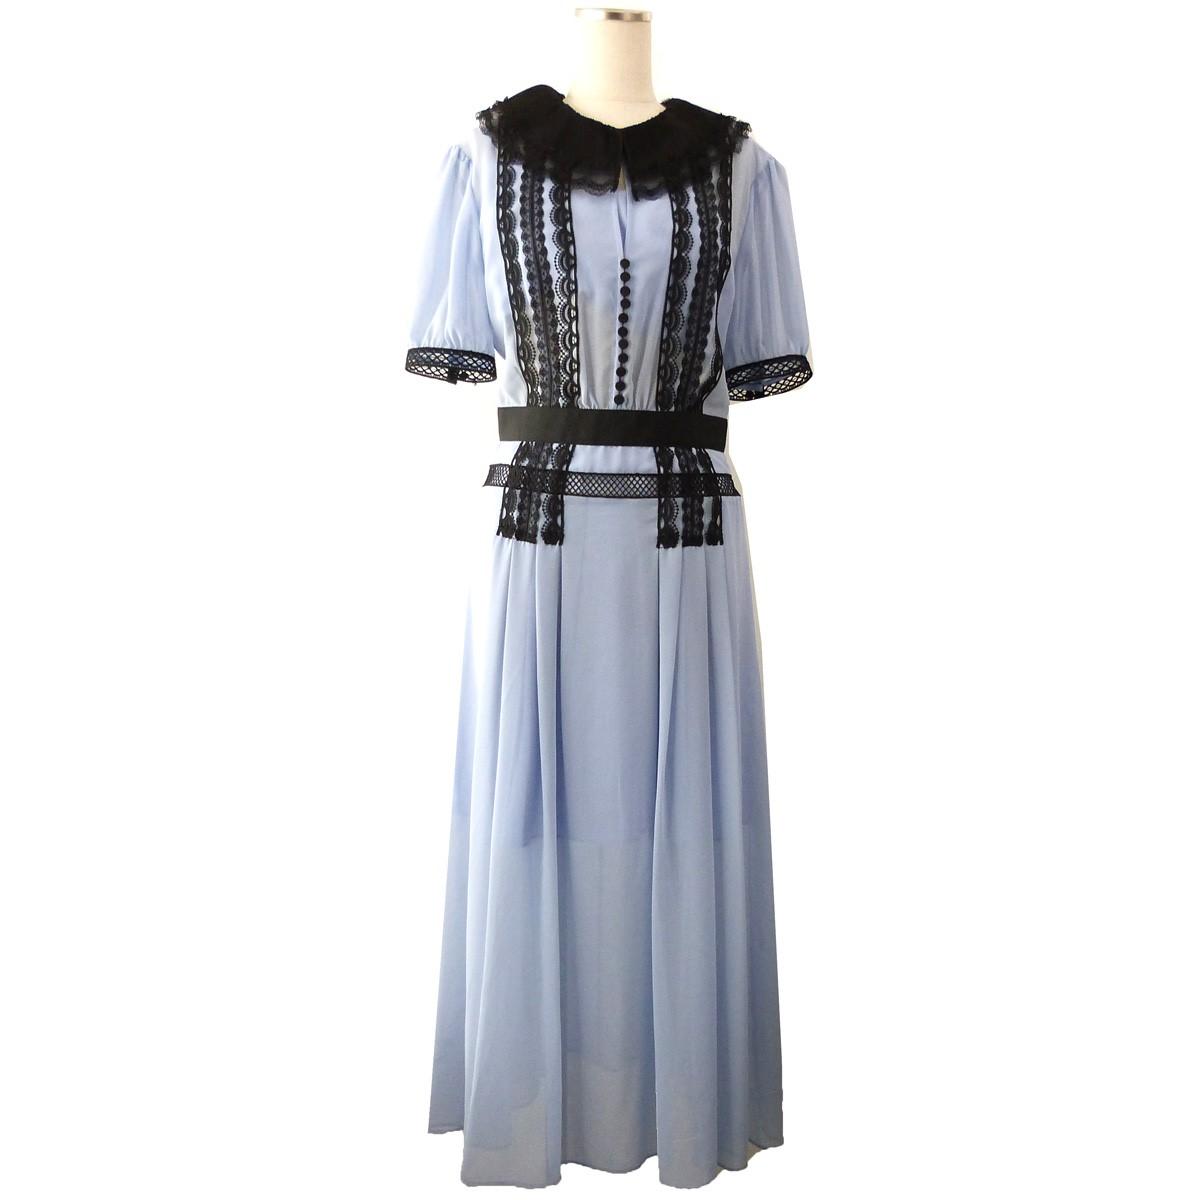 【中古】SELF PORTRAIT 「Lace Trim Peasant Dress」レーストリムワンピース ブルー×ブラック サイズ:UK8 【060320】(セルフ・ポートレイト)